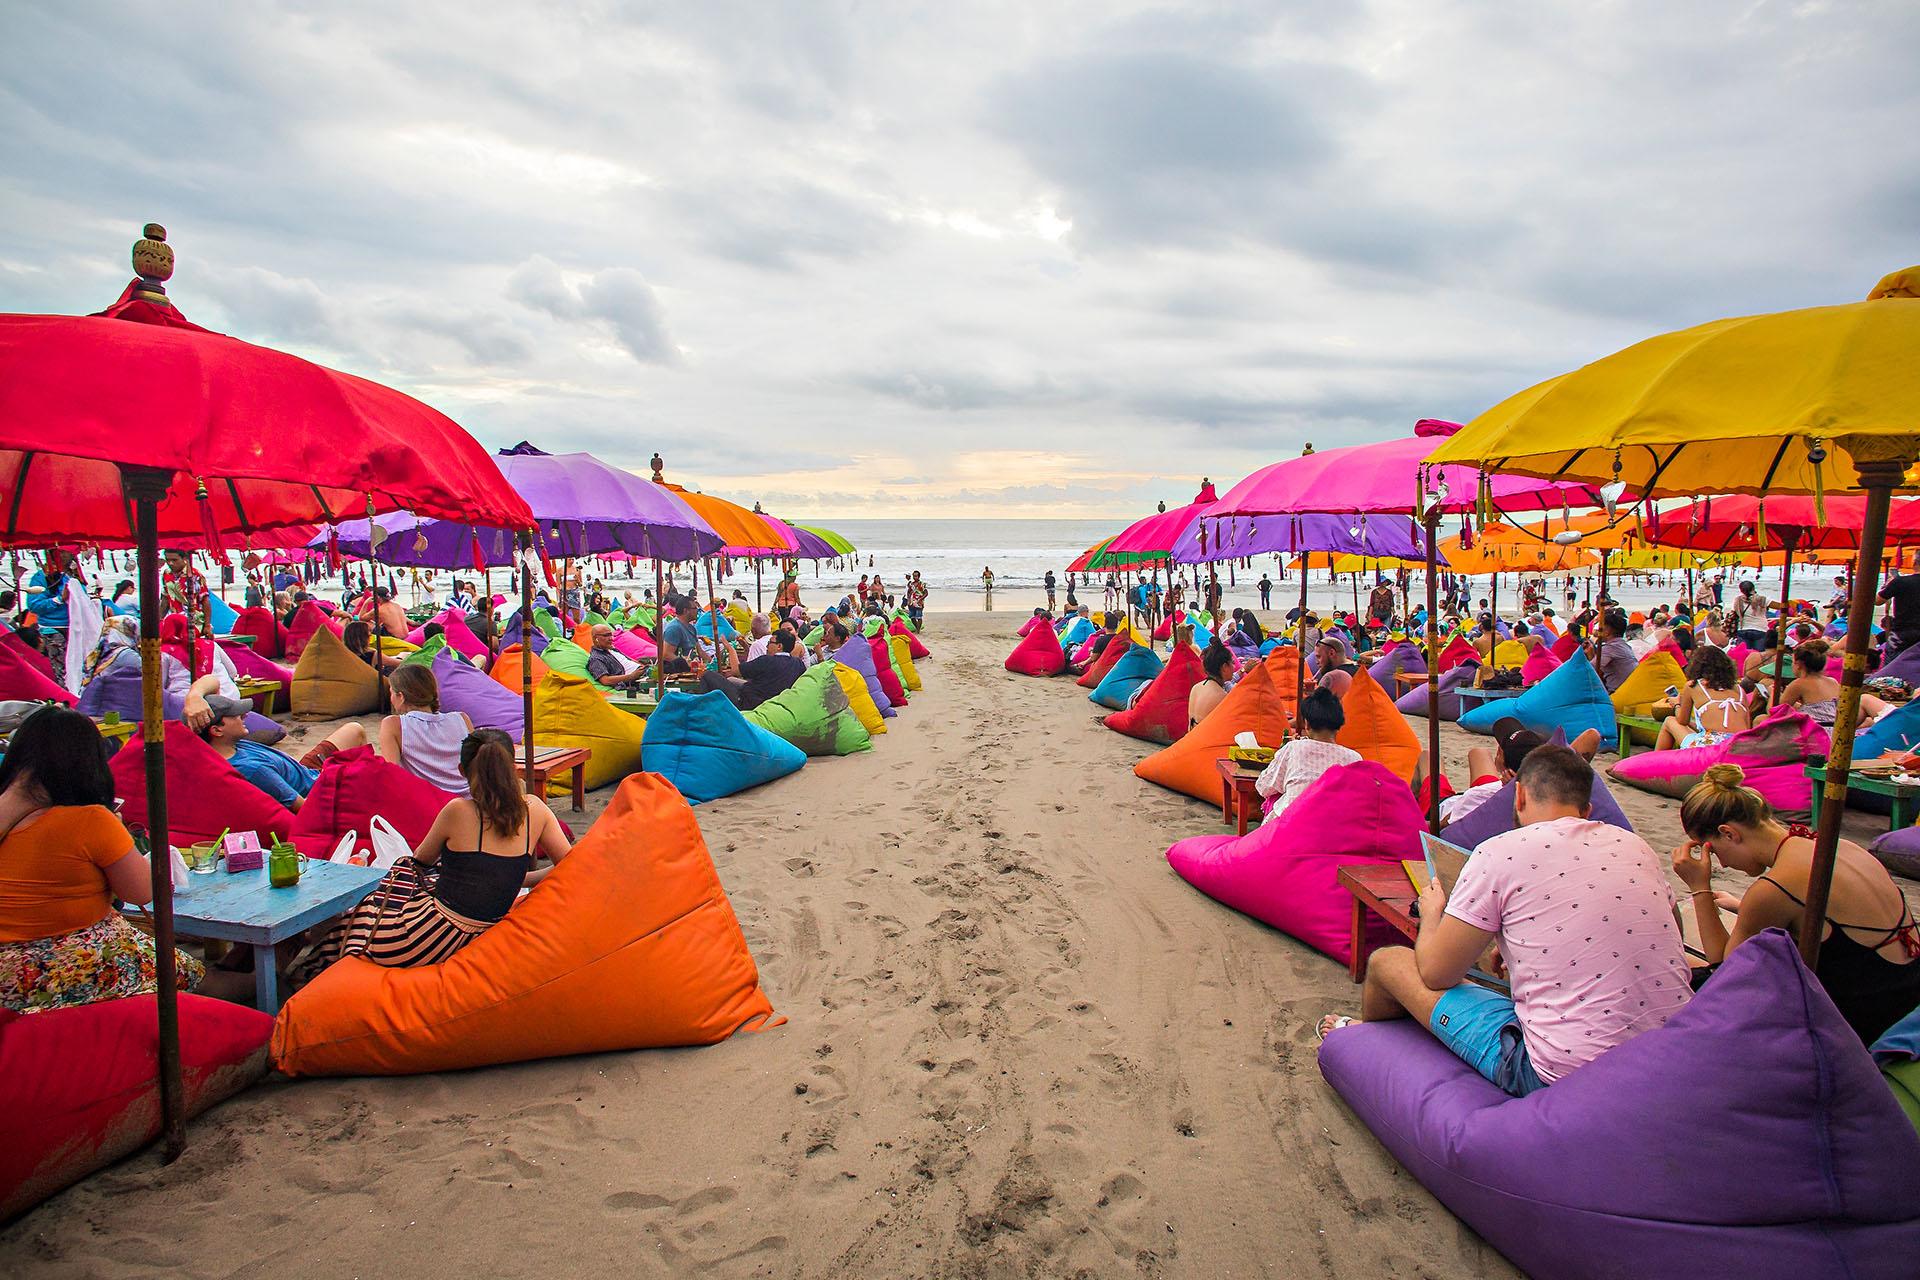 En Bali, la playa de Seminyak tiene una costa espléndida de arena oscura y hermosas puestas de sol, con un ambiente animado y muchos bares de playa caracterizados por sus sillones en la arena